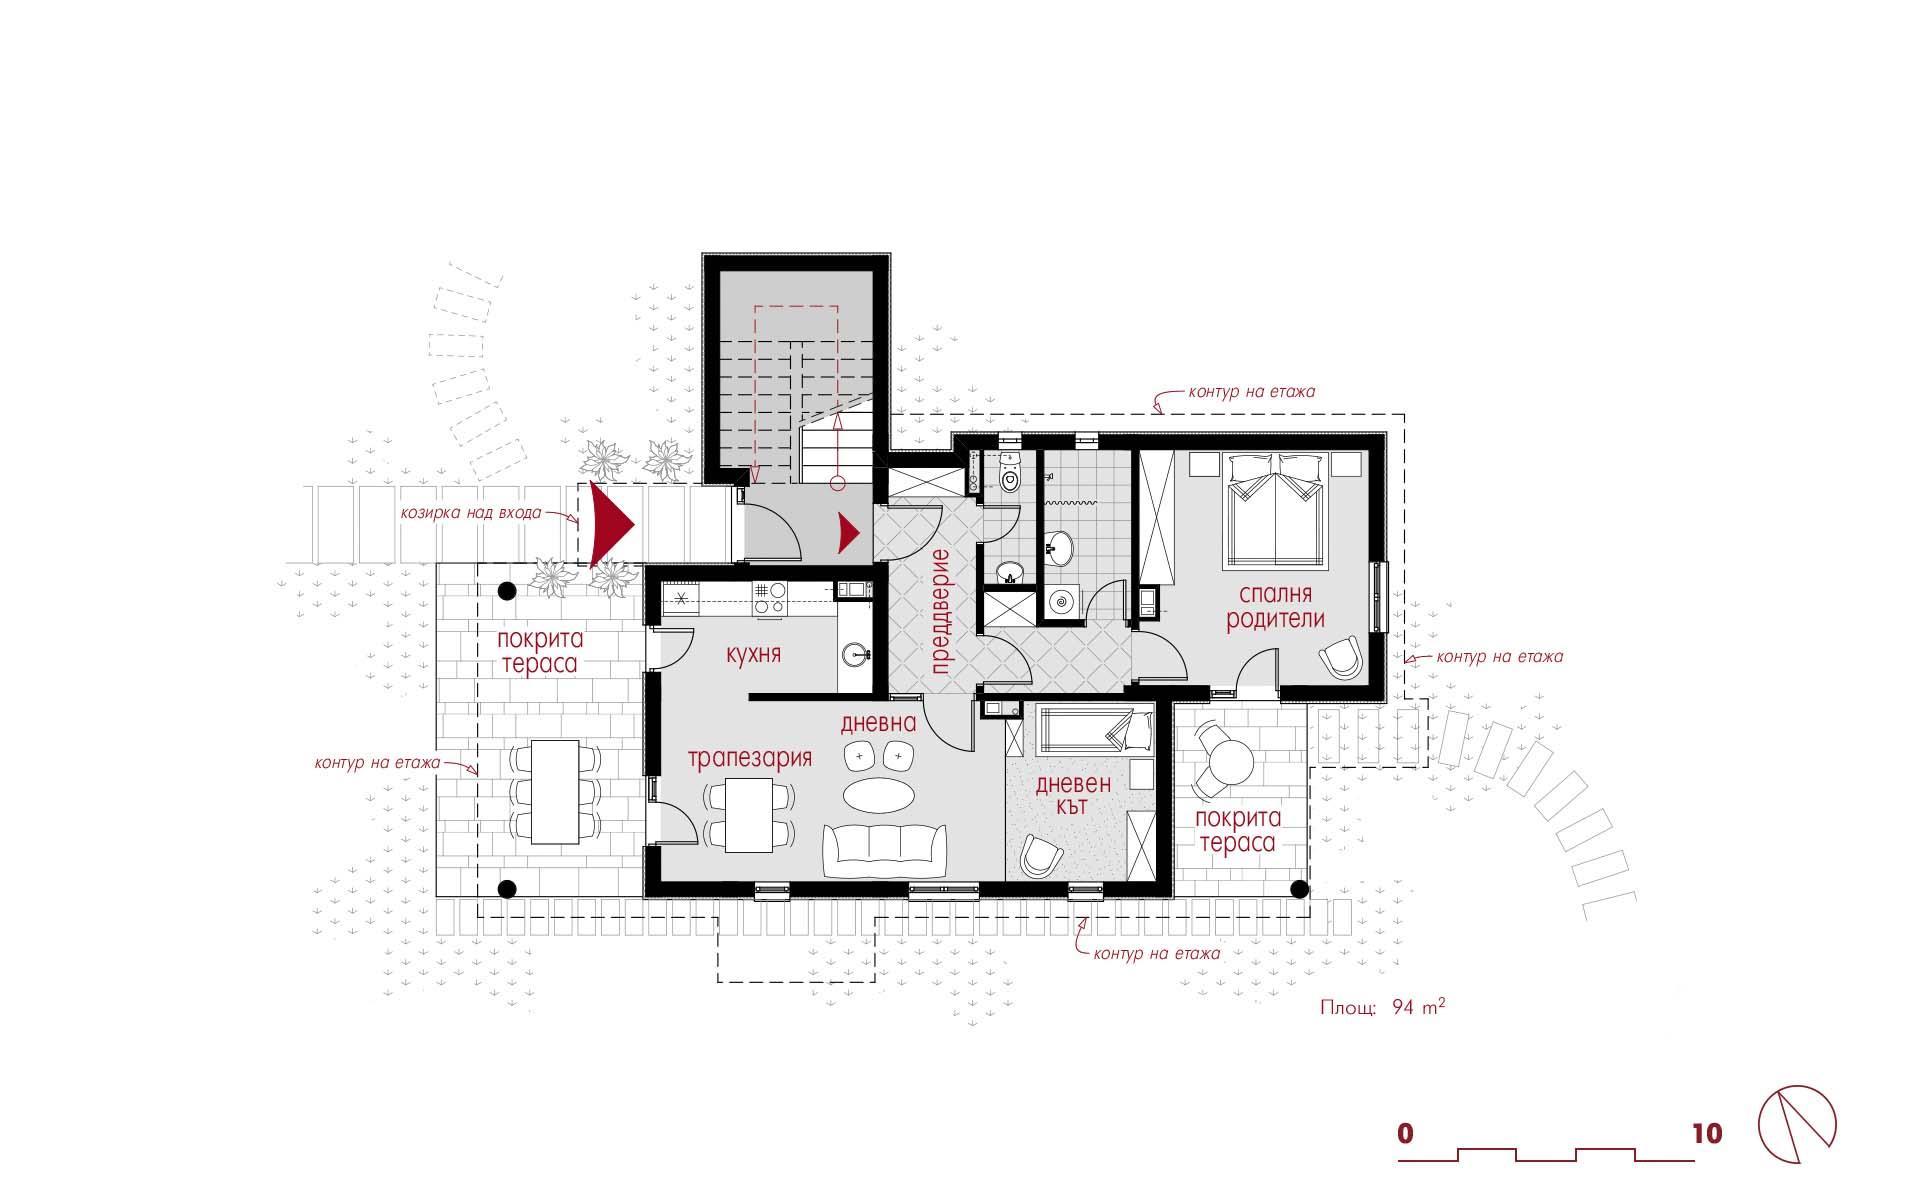 Ground Storey Floorplan